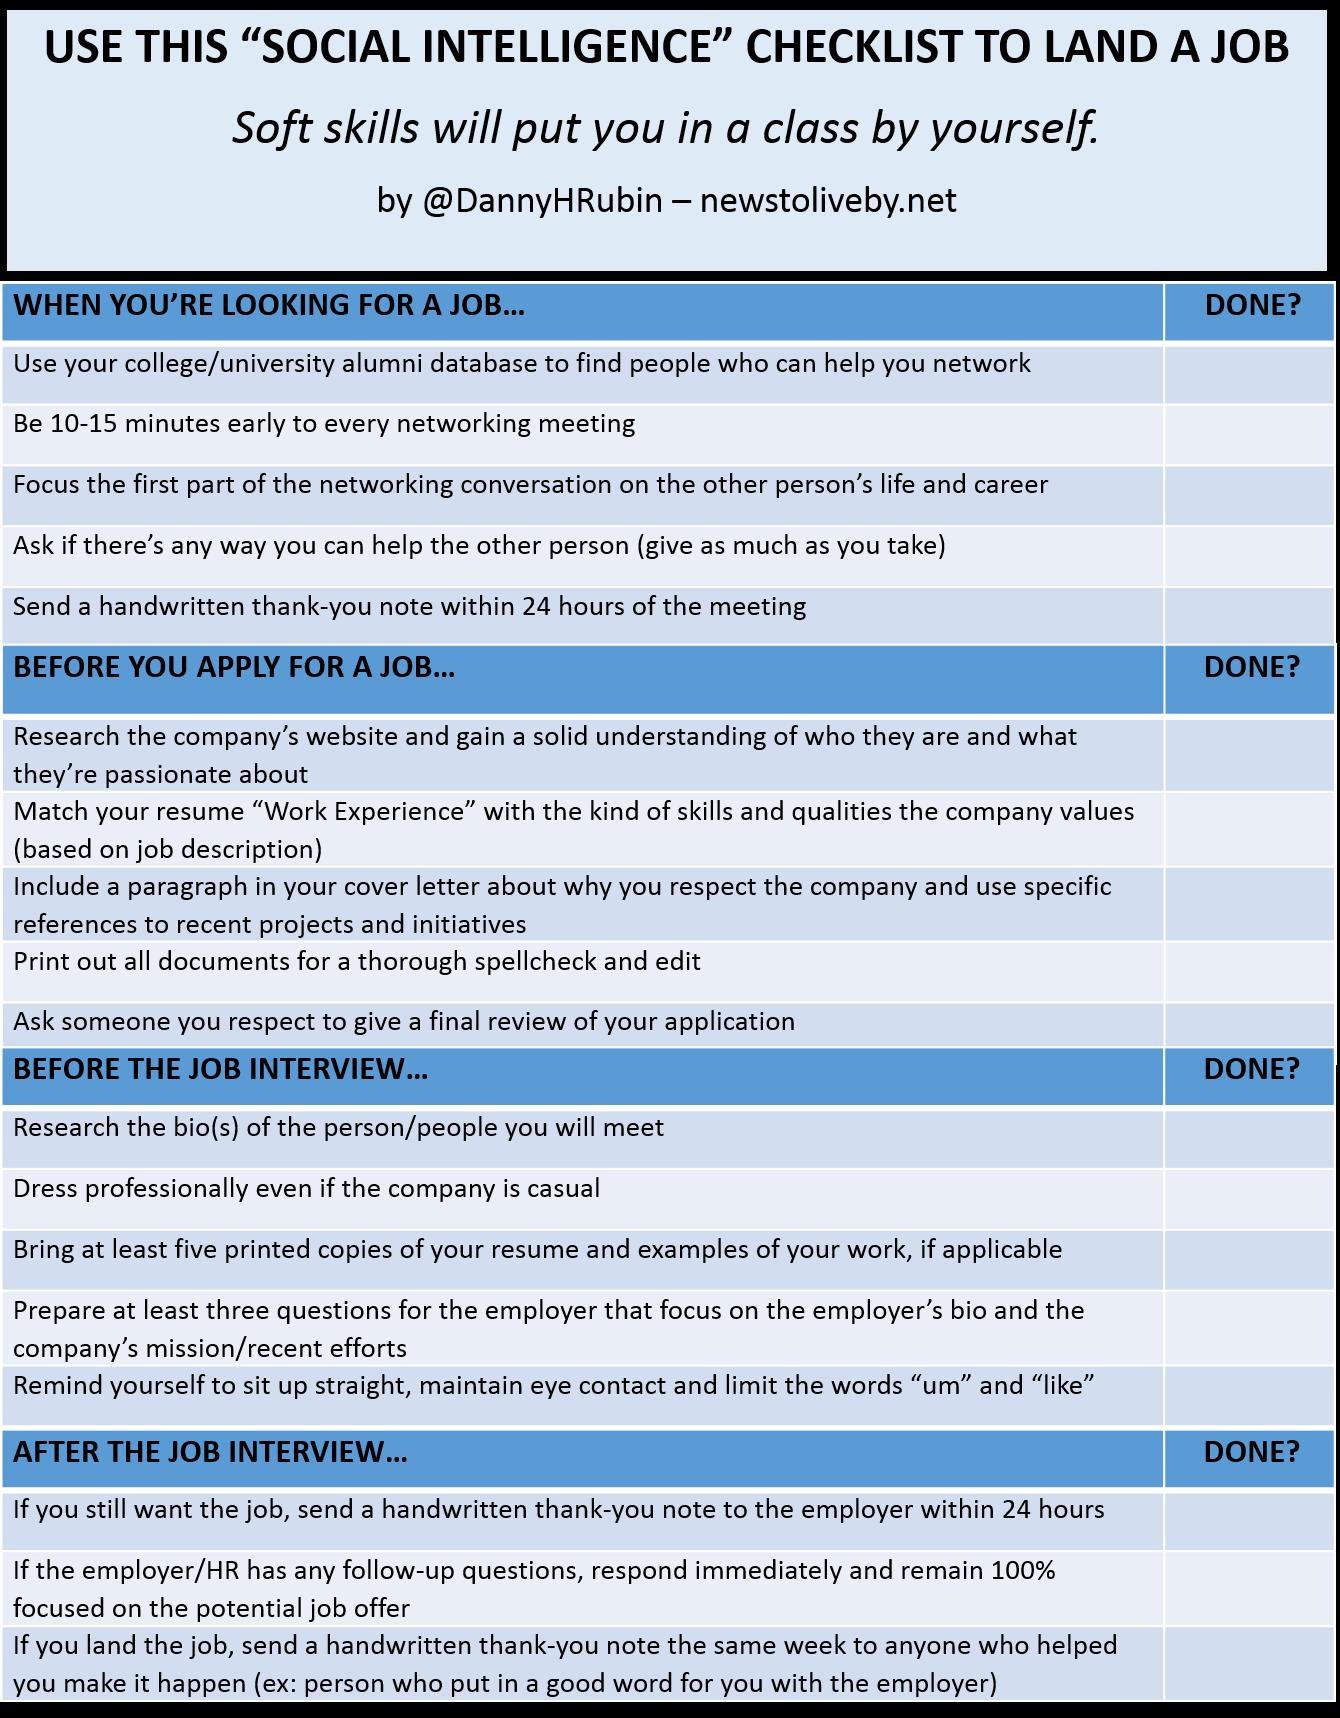 recent grad checklist.JPG